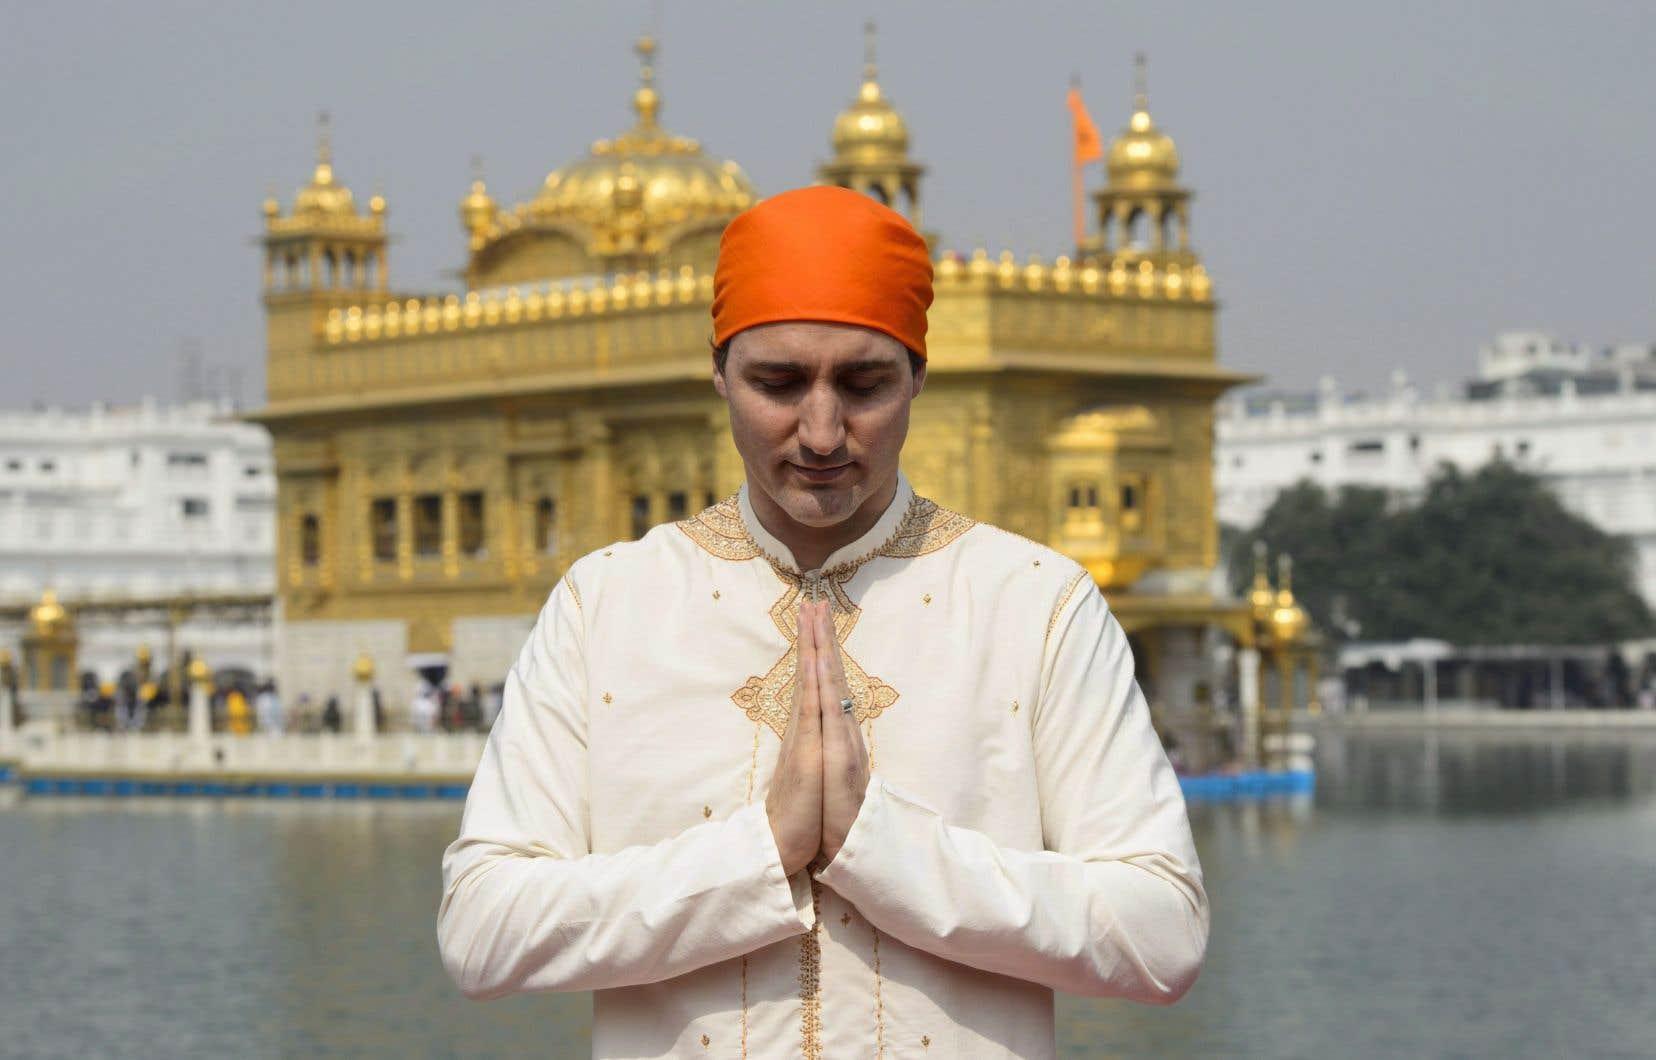 Le premier ministre canadien, Justin Trudeau, en visite au temple d'Or dans la foulée de son voyage controversé en Inde